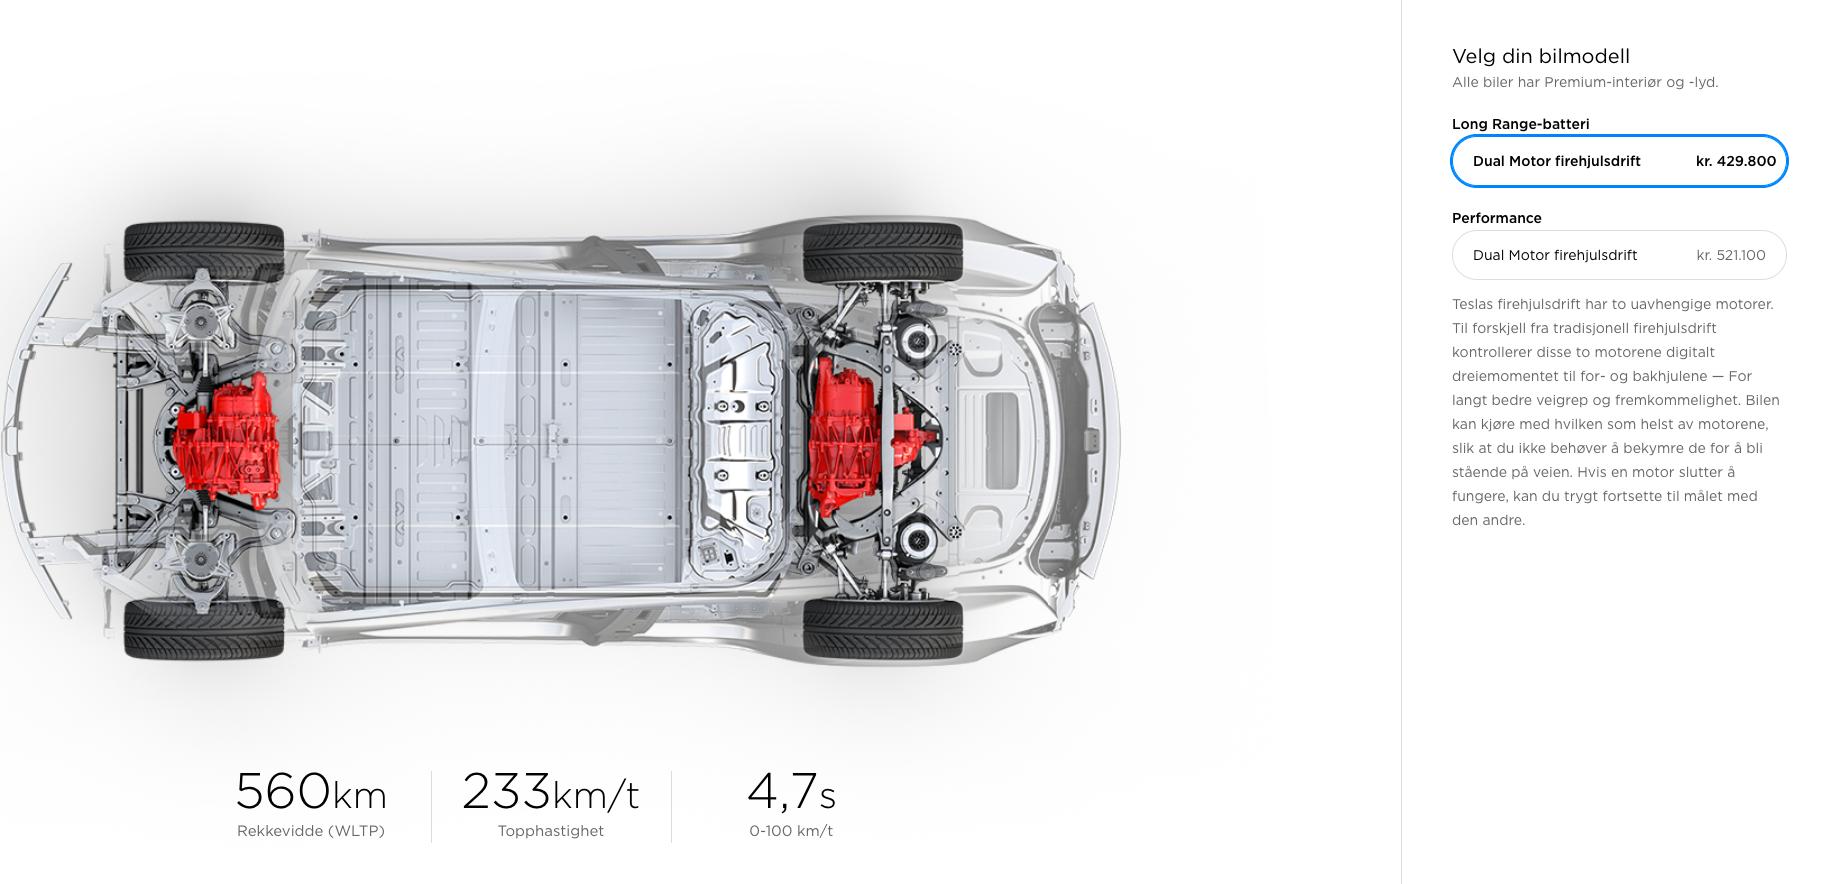 Den nye rekkevidden er allerede å finne på de norske Tesla-nettsidene. Økningen er på 16 kilometer.